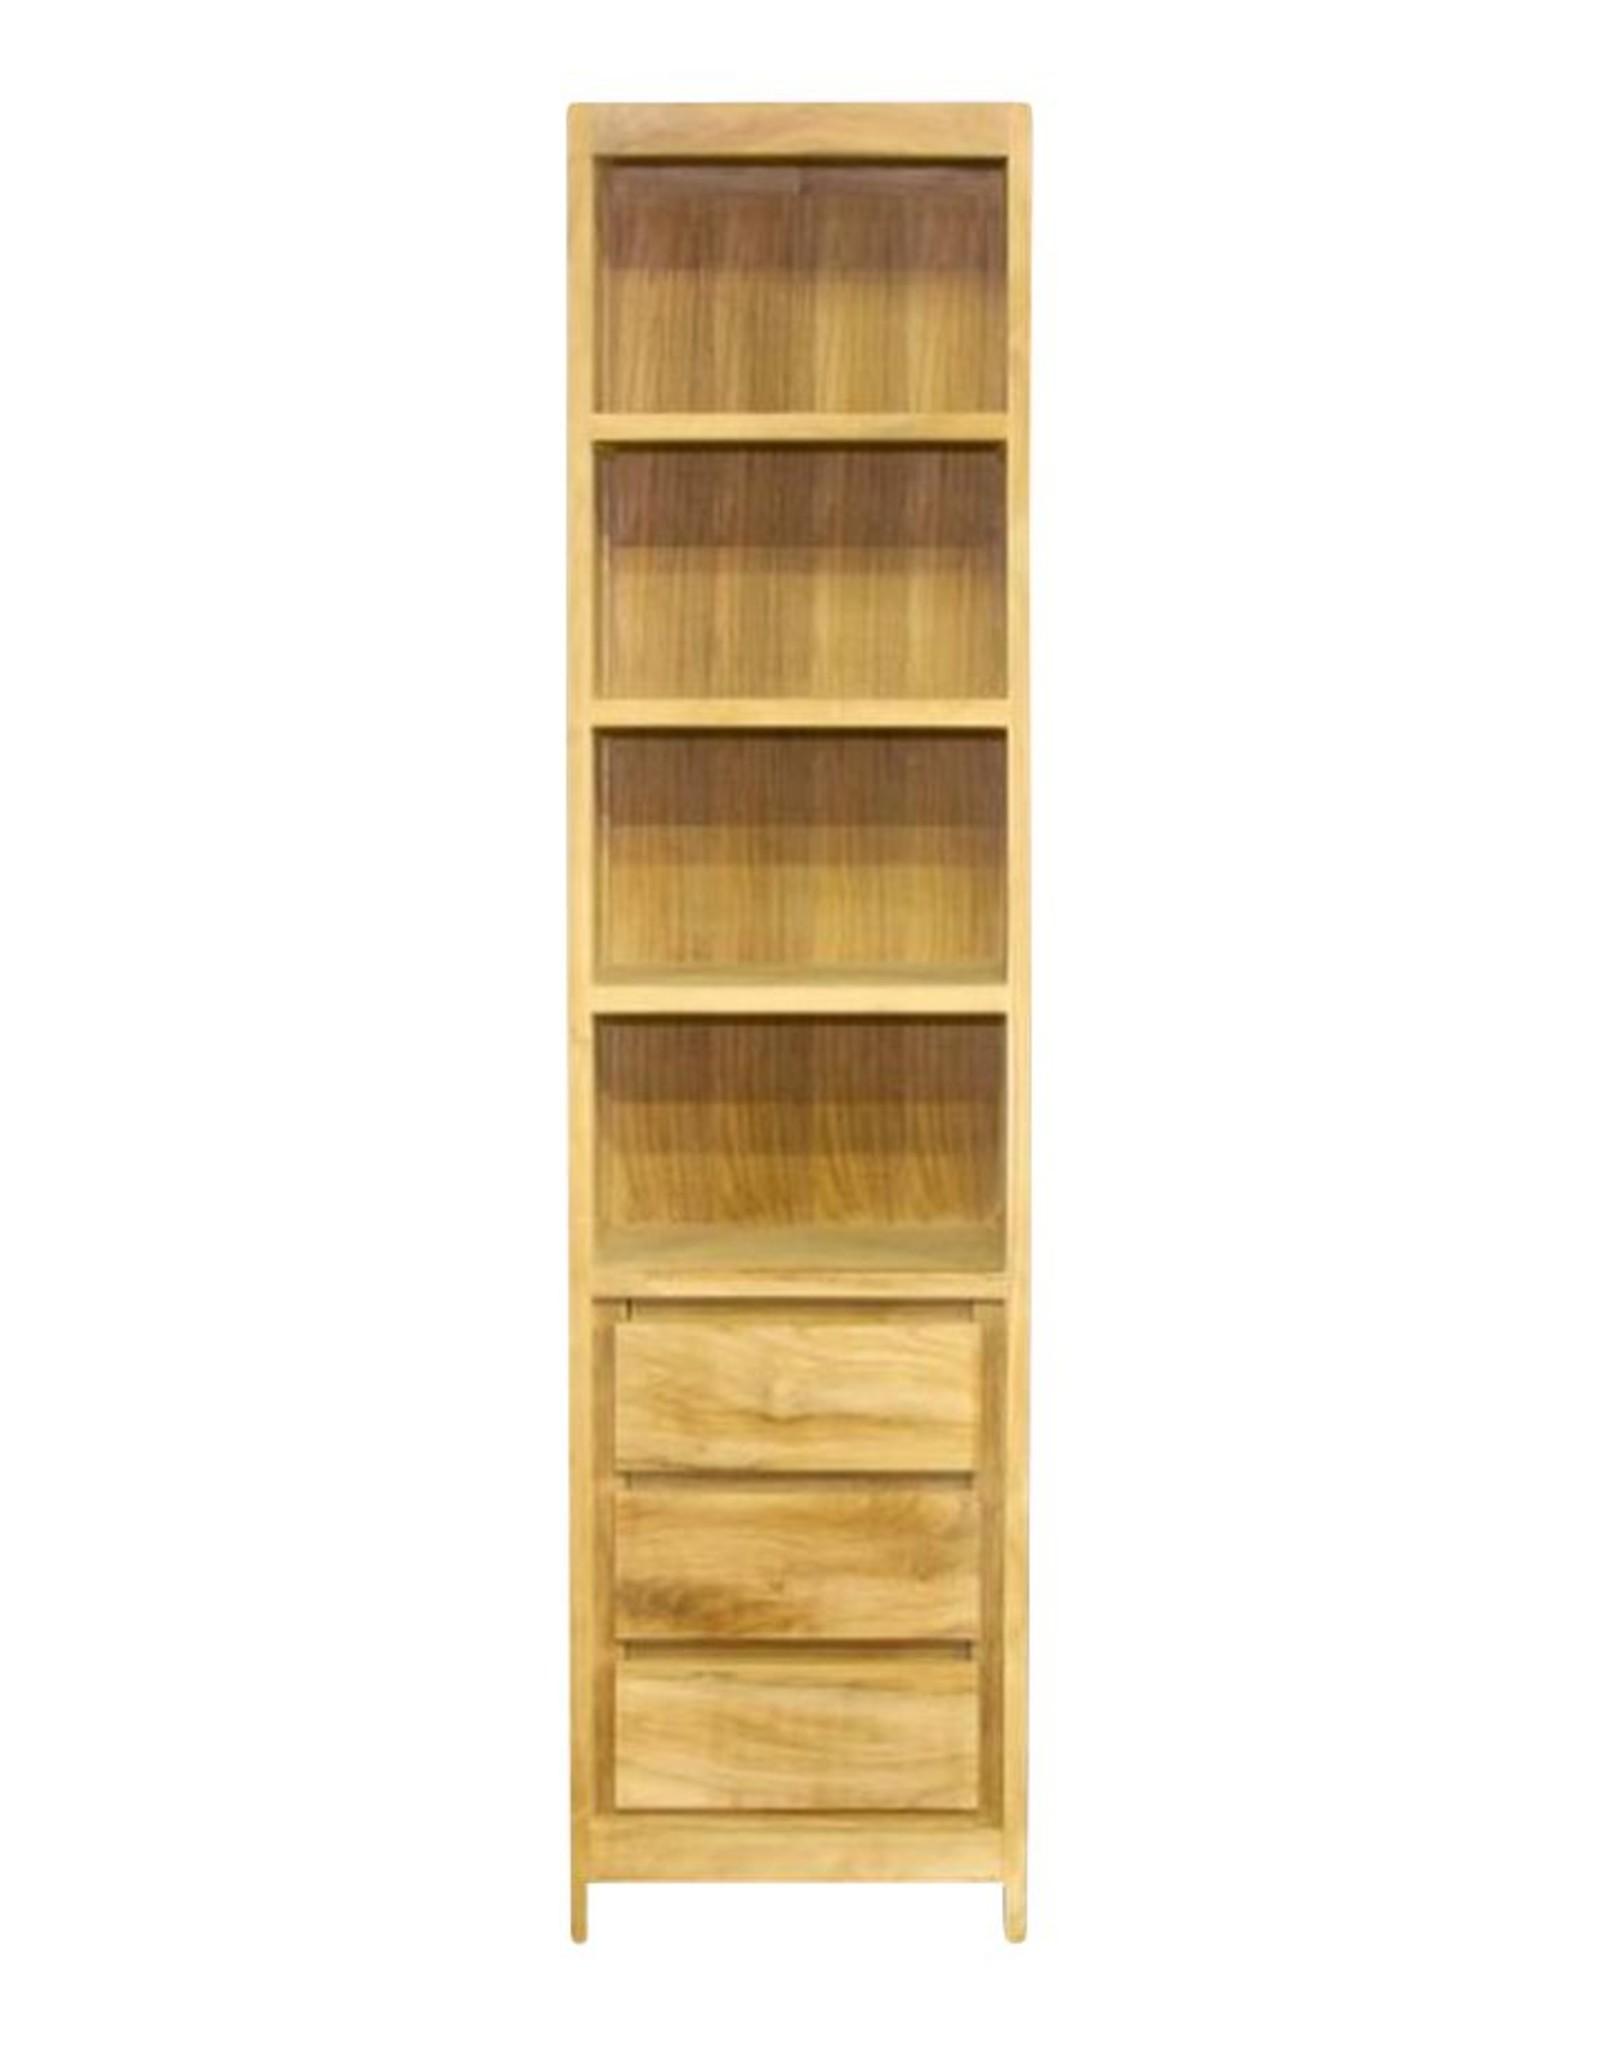 Singaraja boekenkast